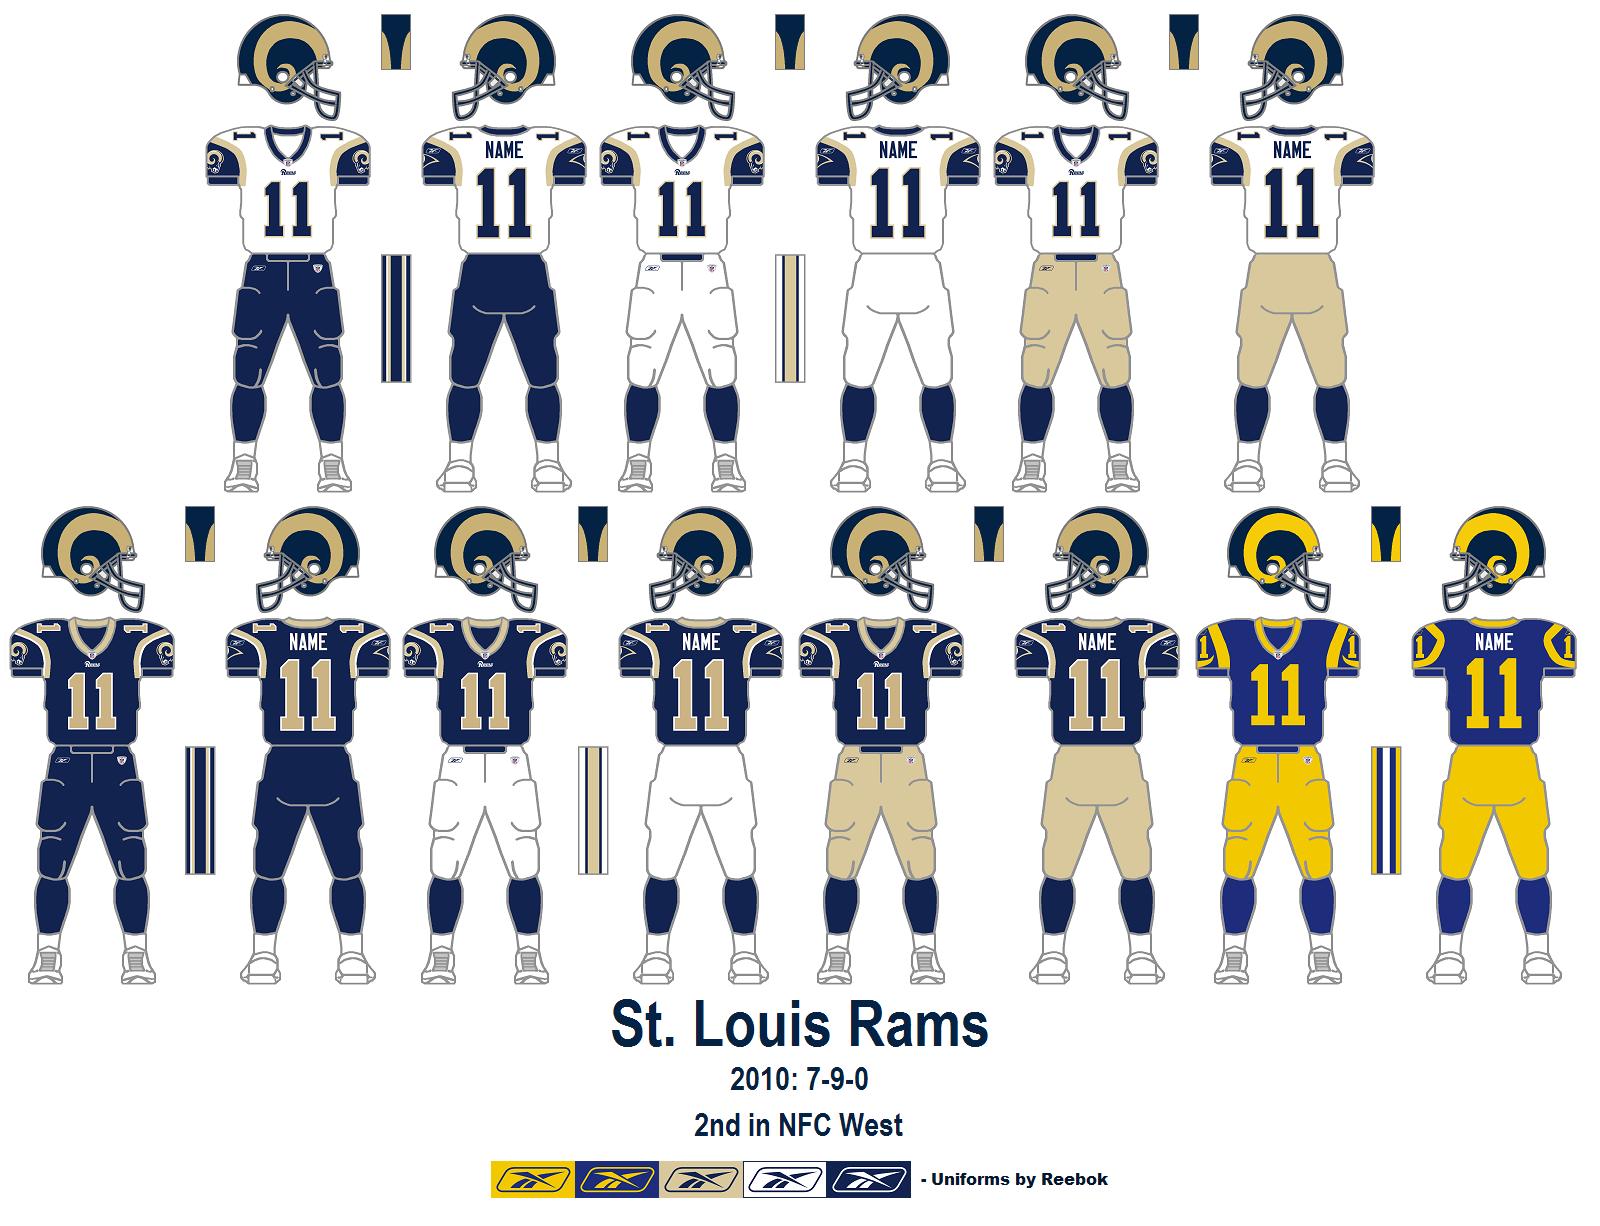 e842a222c91 2008 St. Louis Rams, 2007 ...